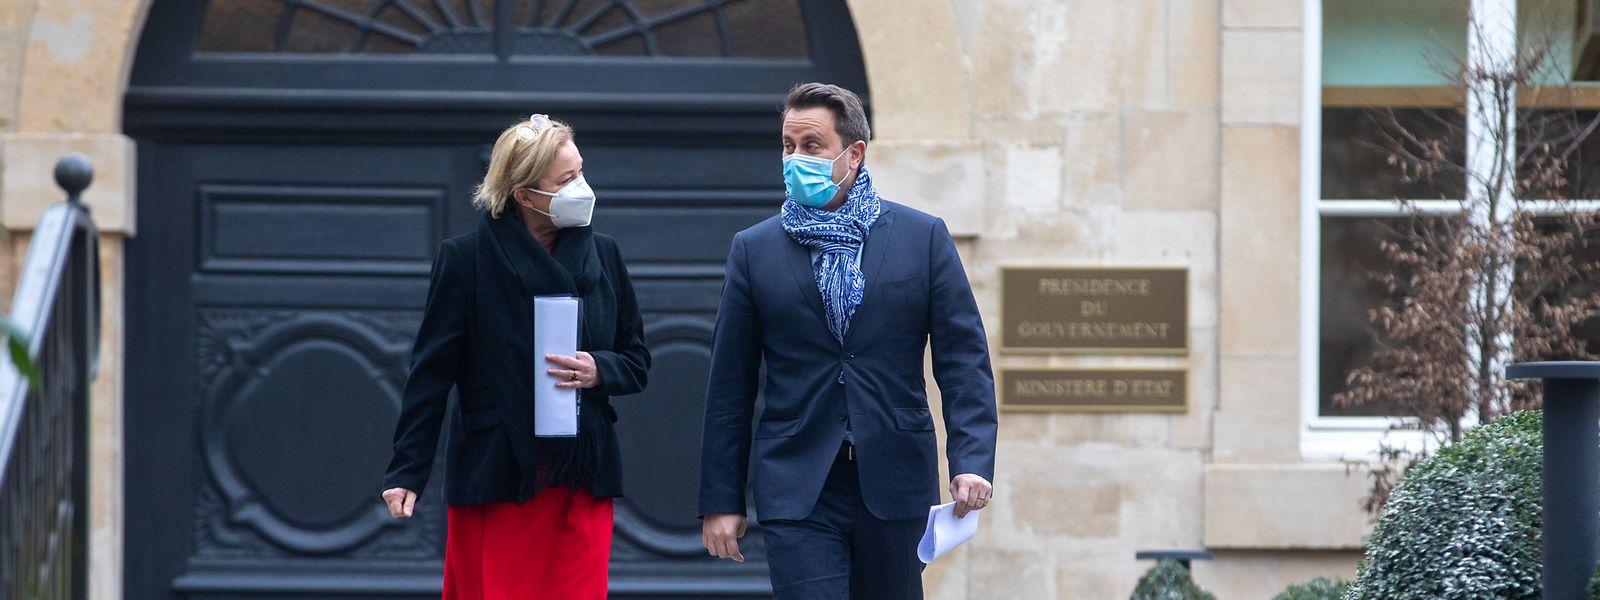 Premier Bettel und Gesundheitsministerin Lenert auf dem Weg zur Pressekonferenz.